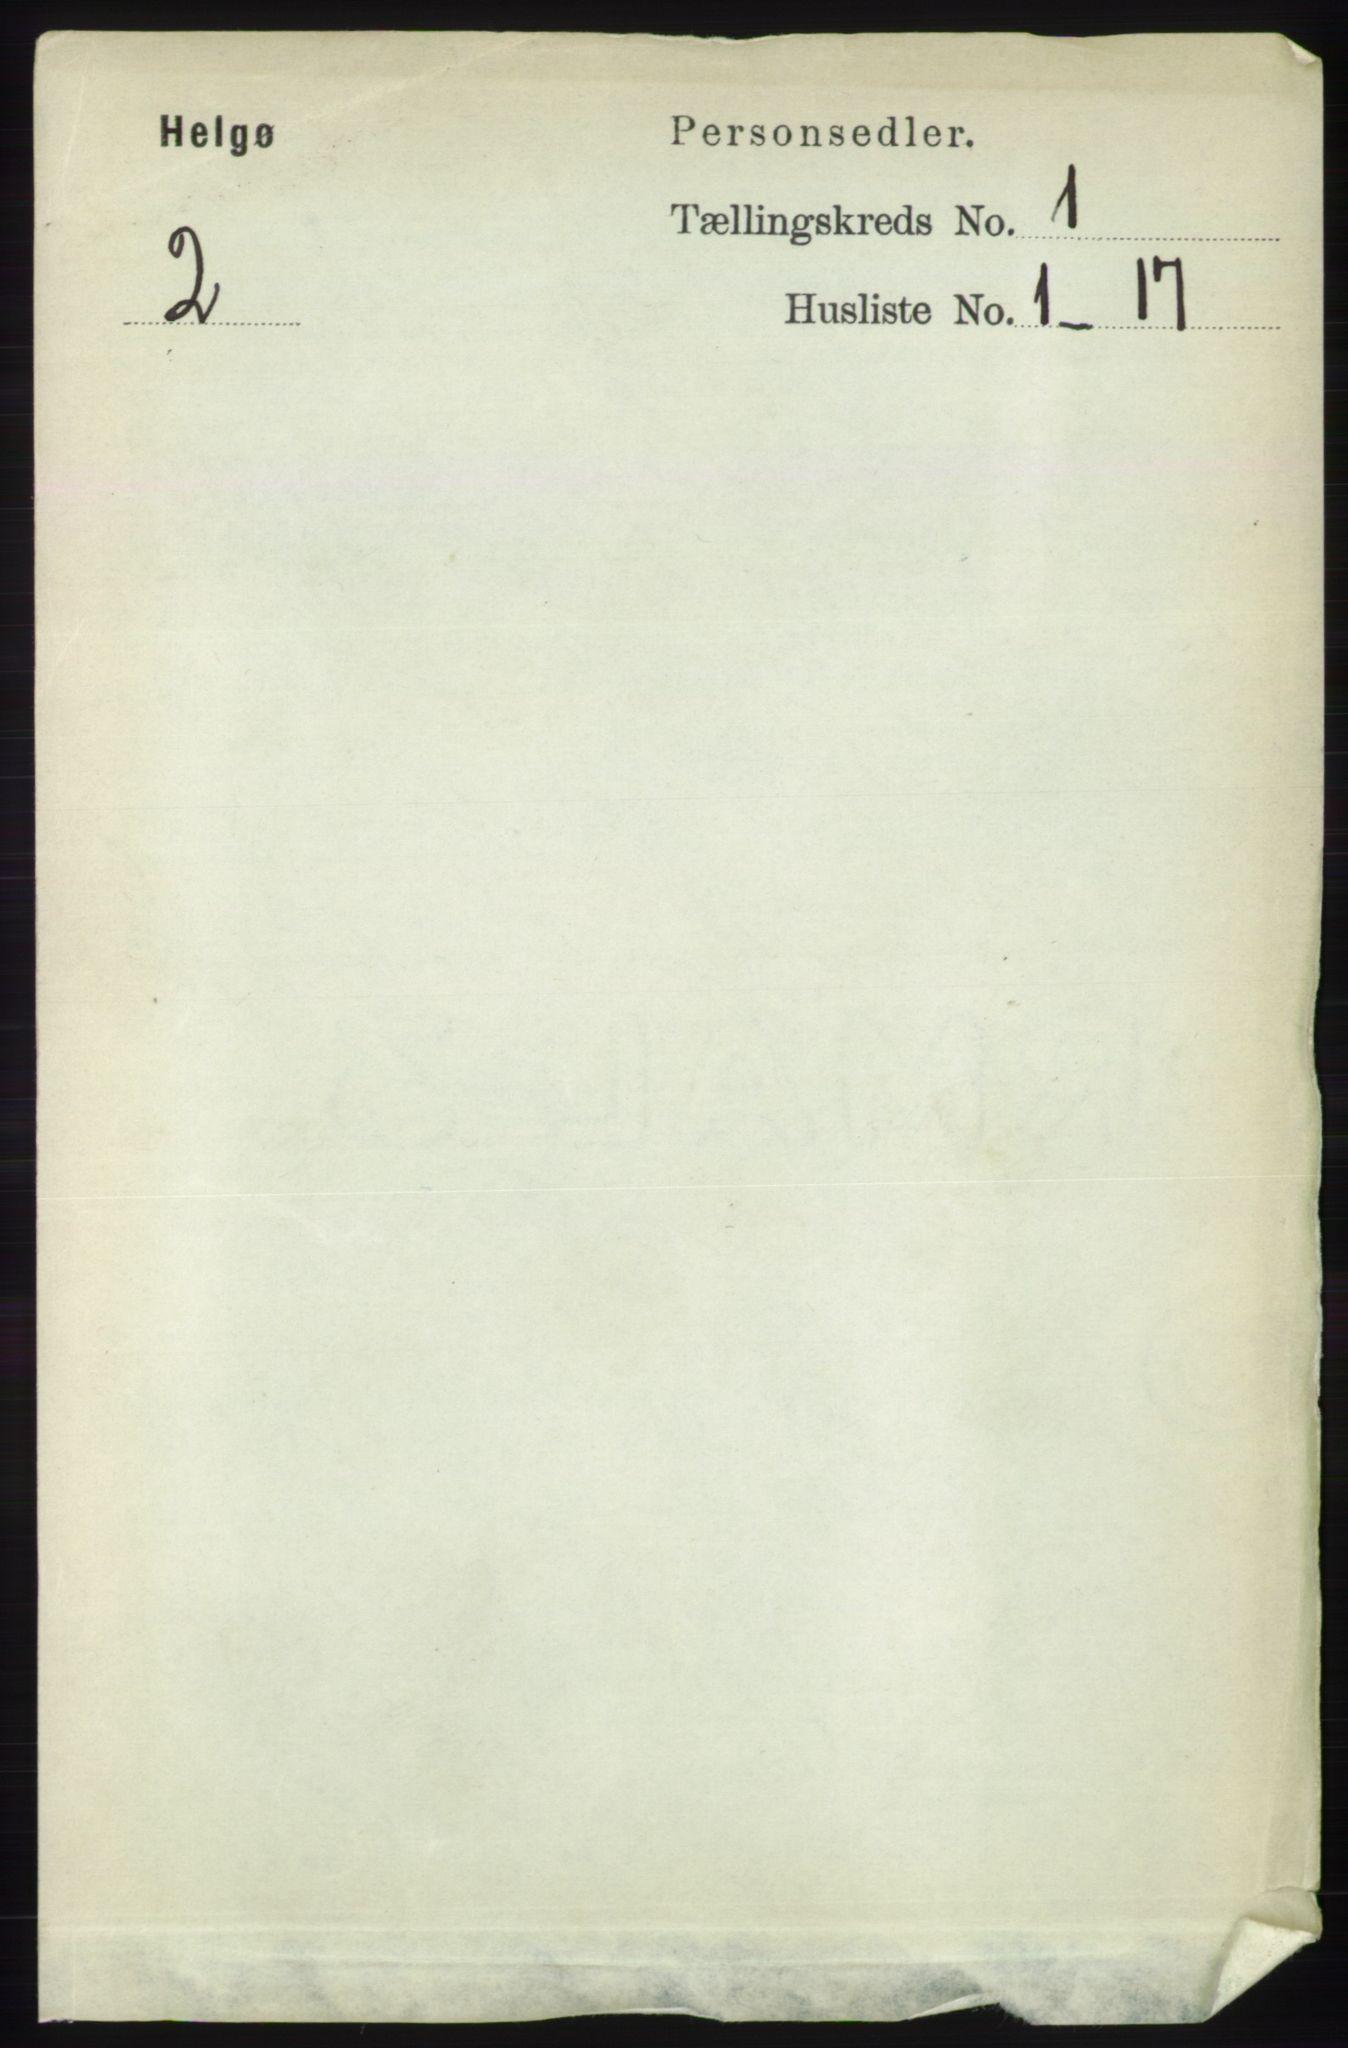 RA, Folketelling 1891 for 1935 Helgøy herred, 1891, s. 47